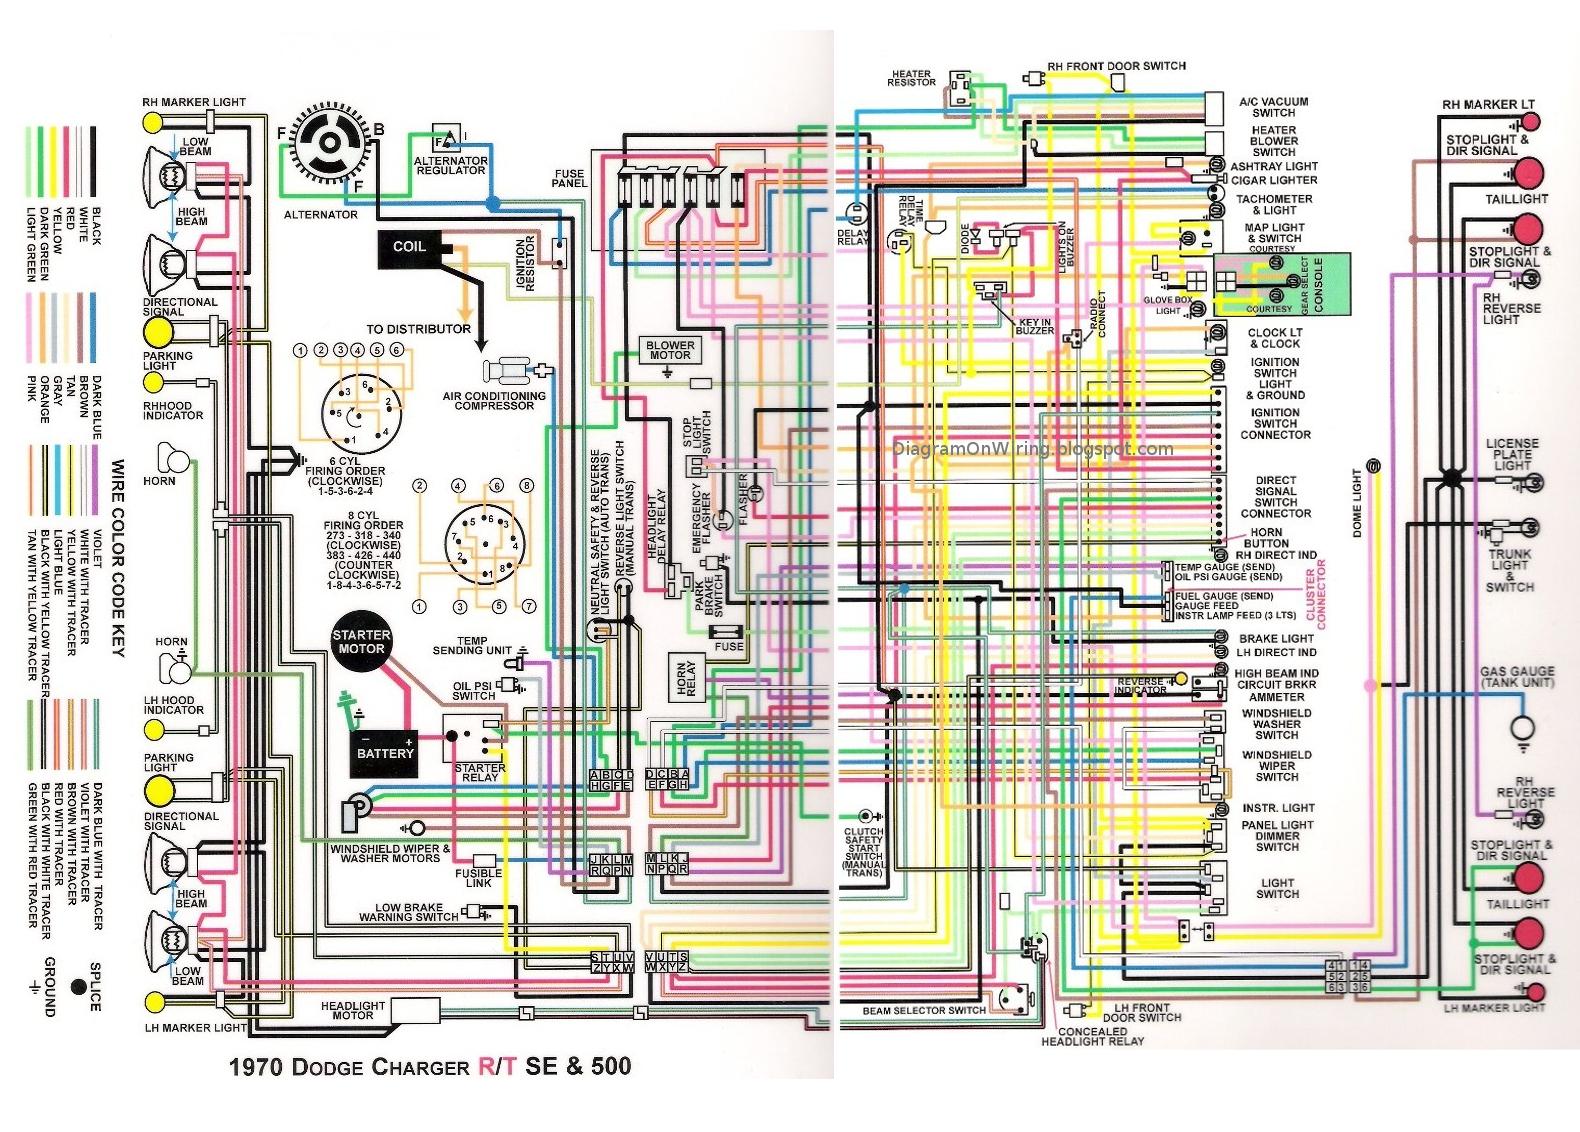 Phenomenal Ac Alternator Wiring Diagram Basic Electronics Wiring Diagram Wiring Cloud Licukshollocom